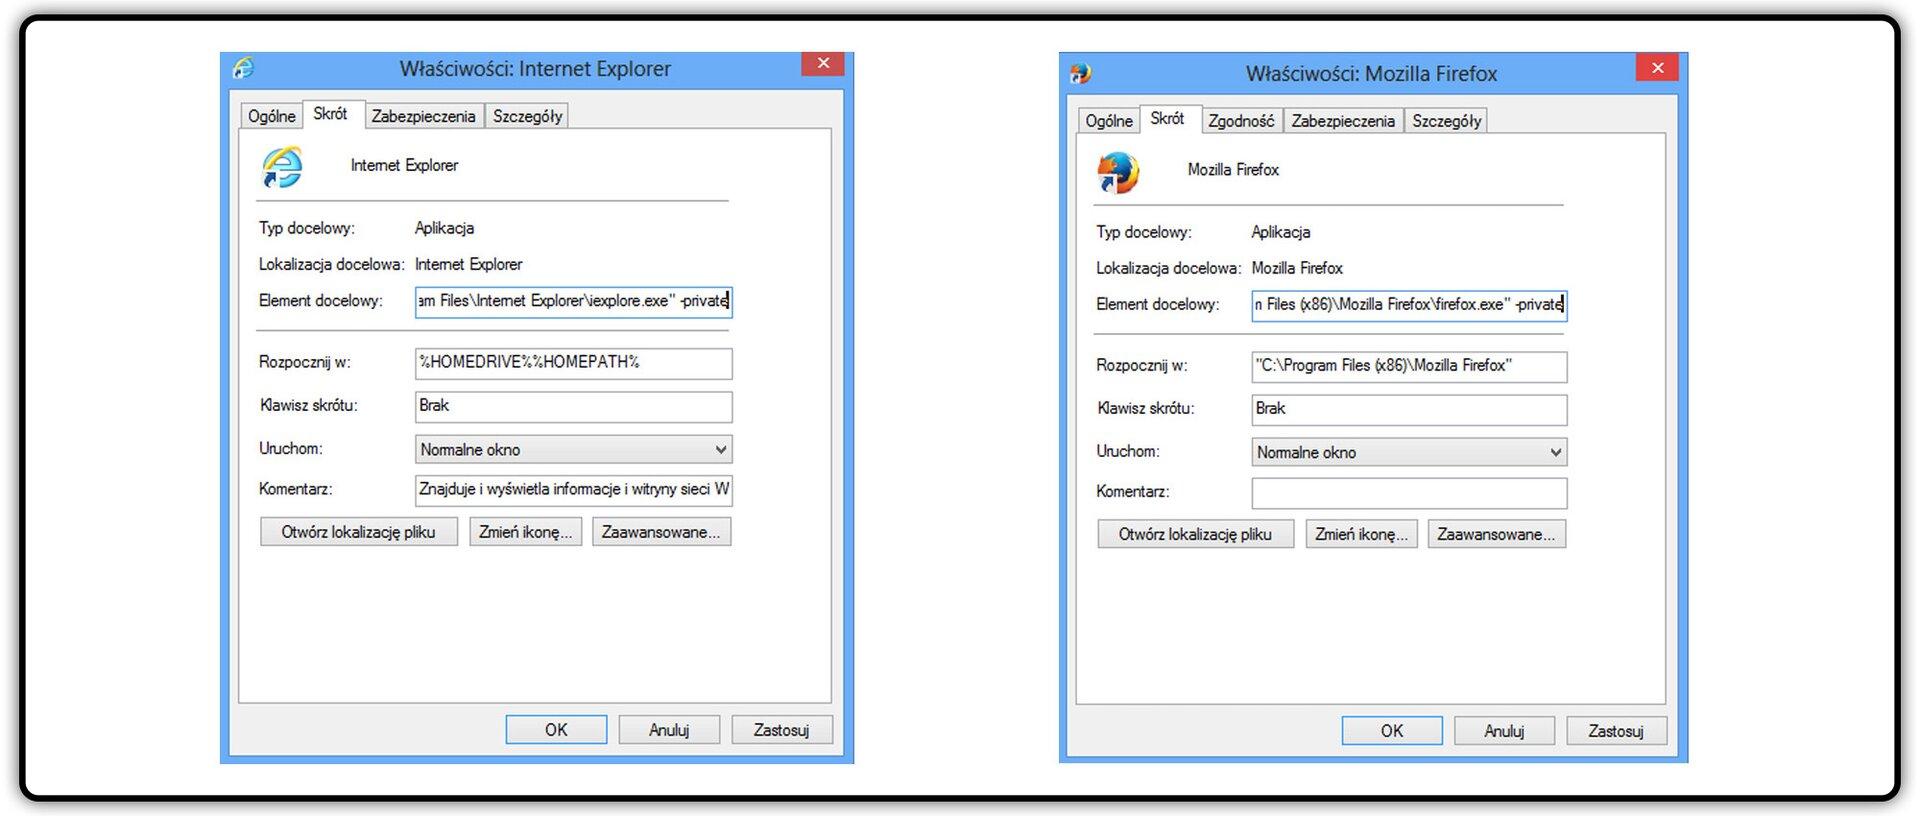 Zrzut okna: Właściwości przegladarki Internet Explorer oraz Mozilla Firefox